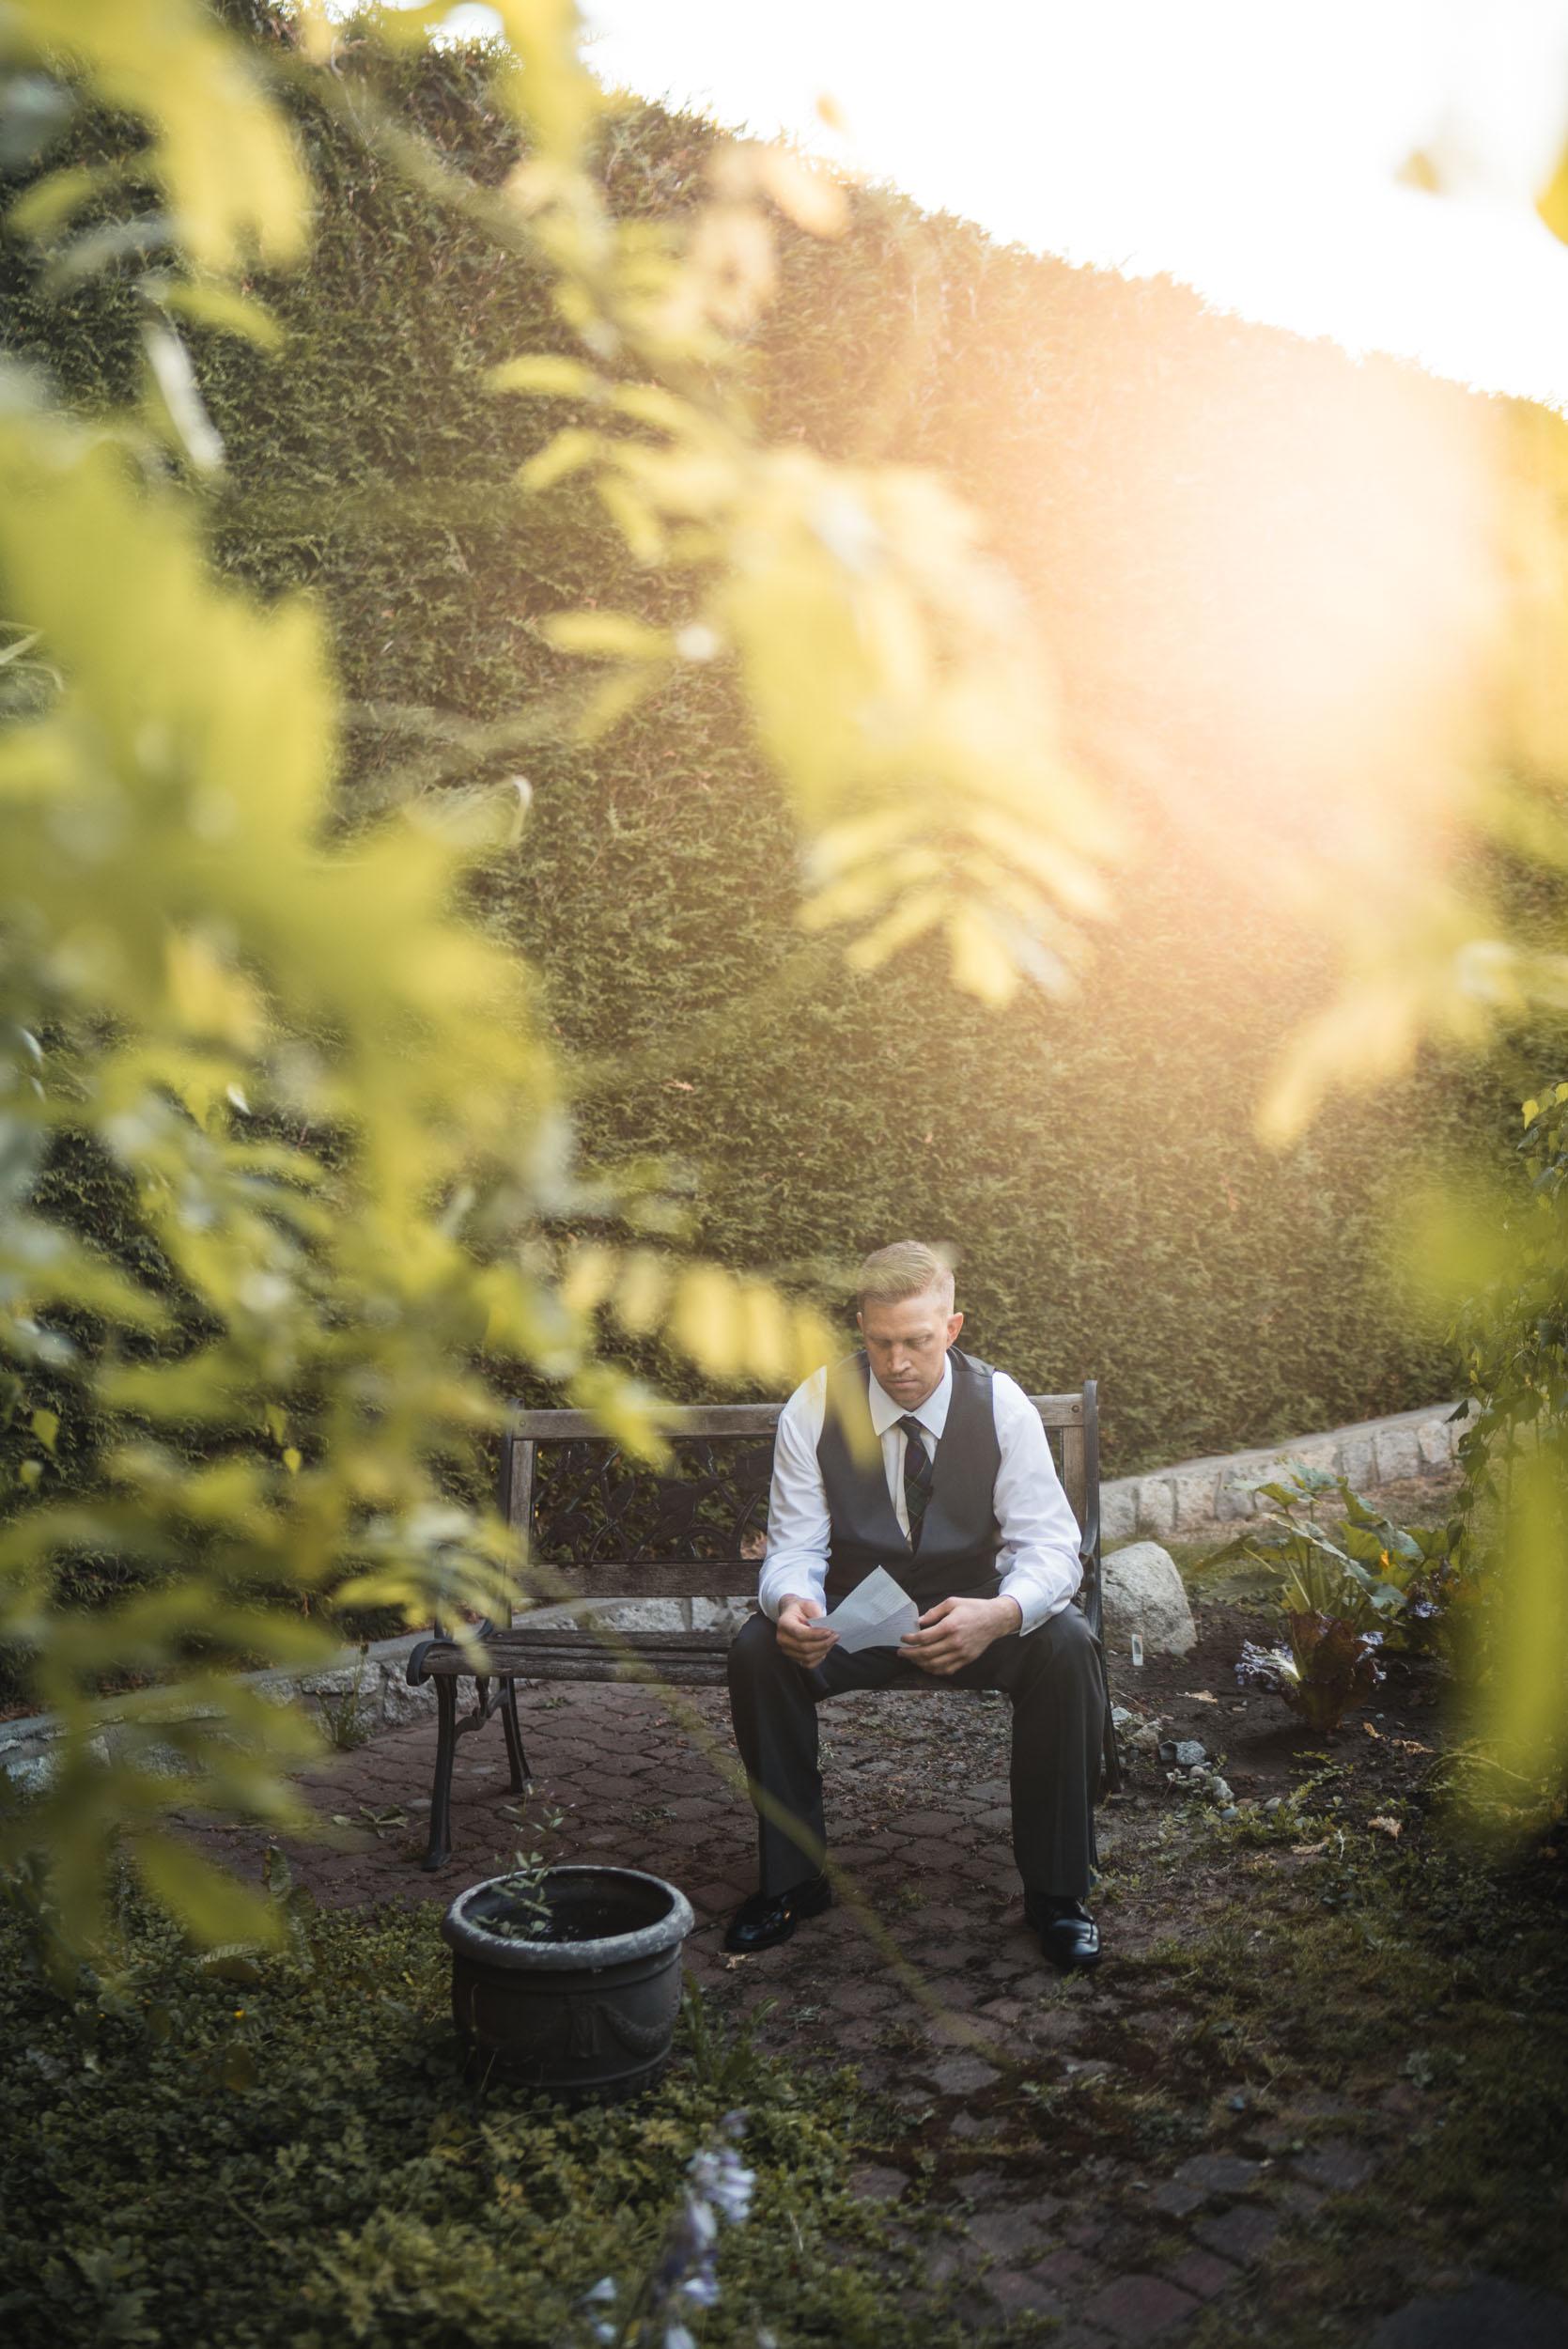 Groom holding letter in garden